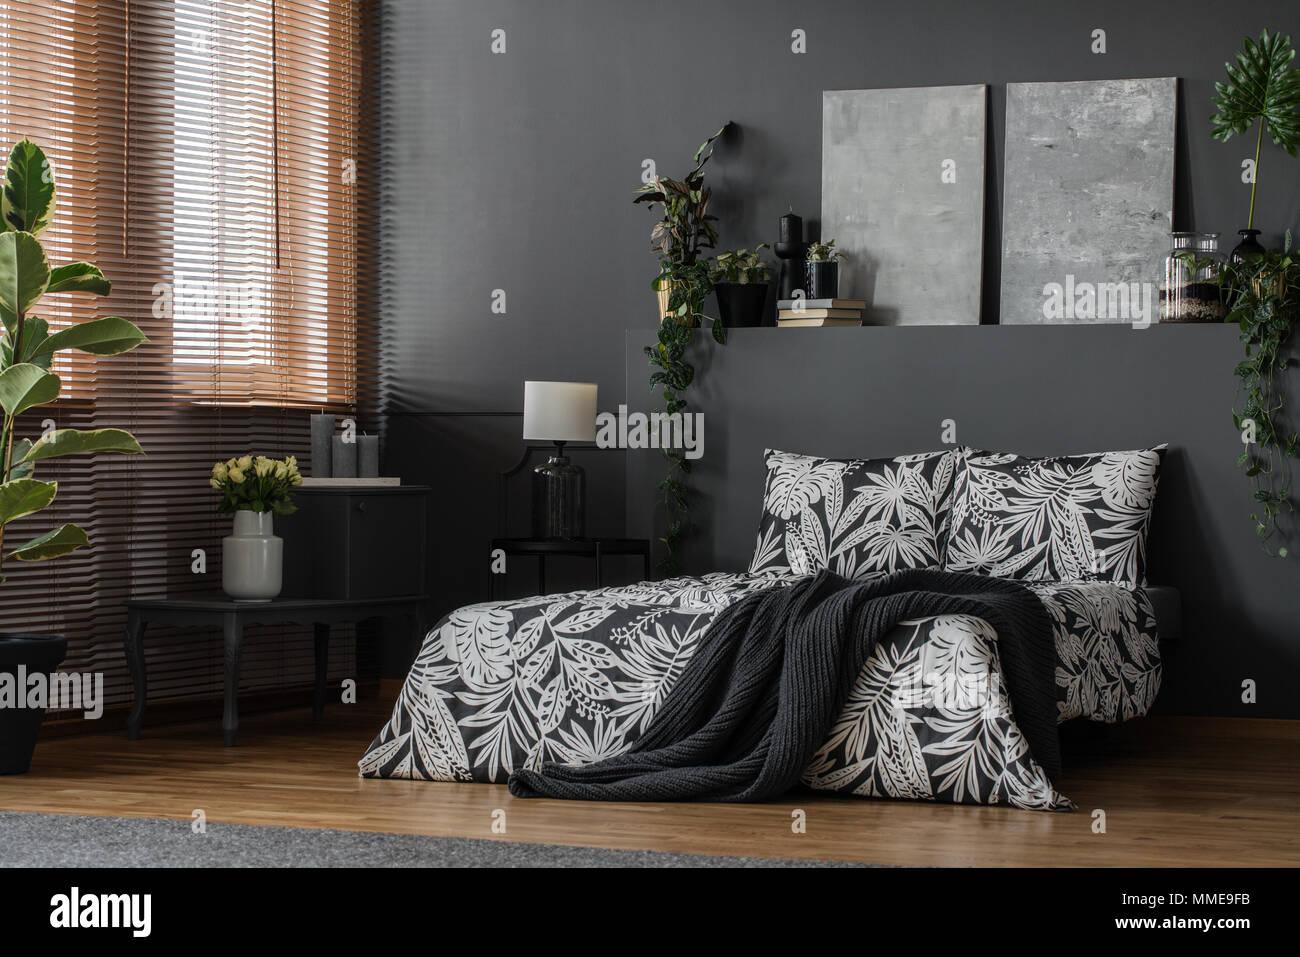 Arredamento Minimalista Camera Da Letto : Grigio minimalista dipinti arredi eleganti e decorazioni in una